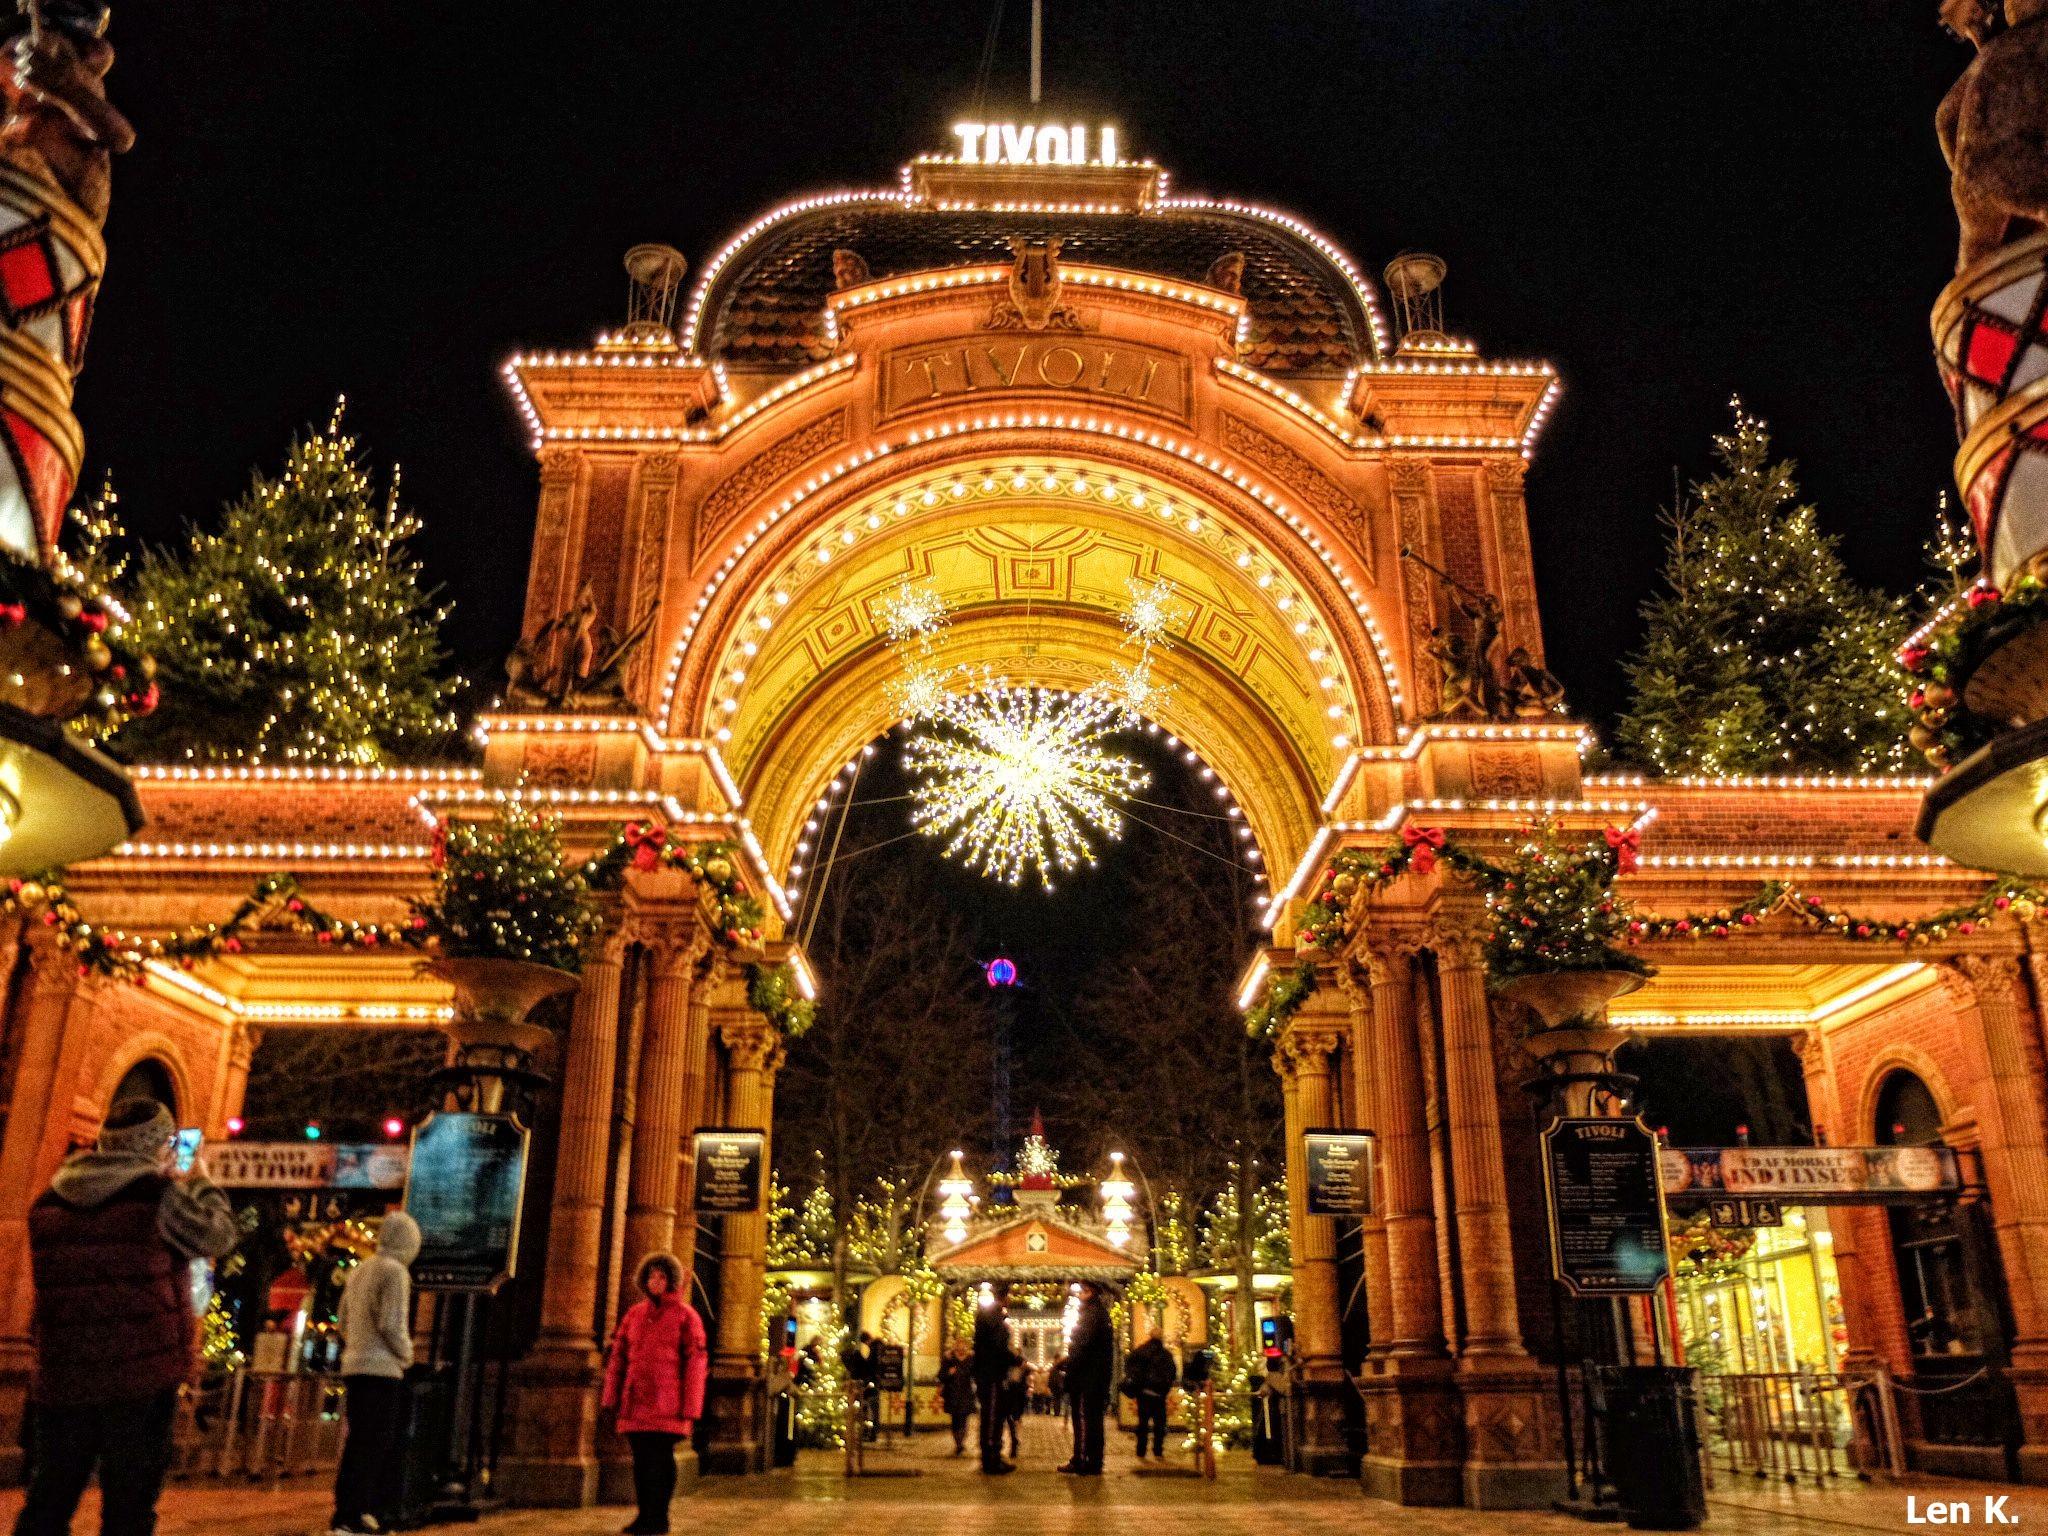 Tivoli's main entrance